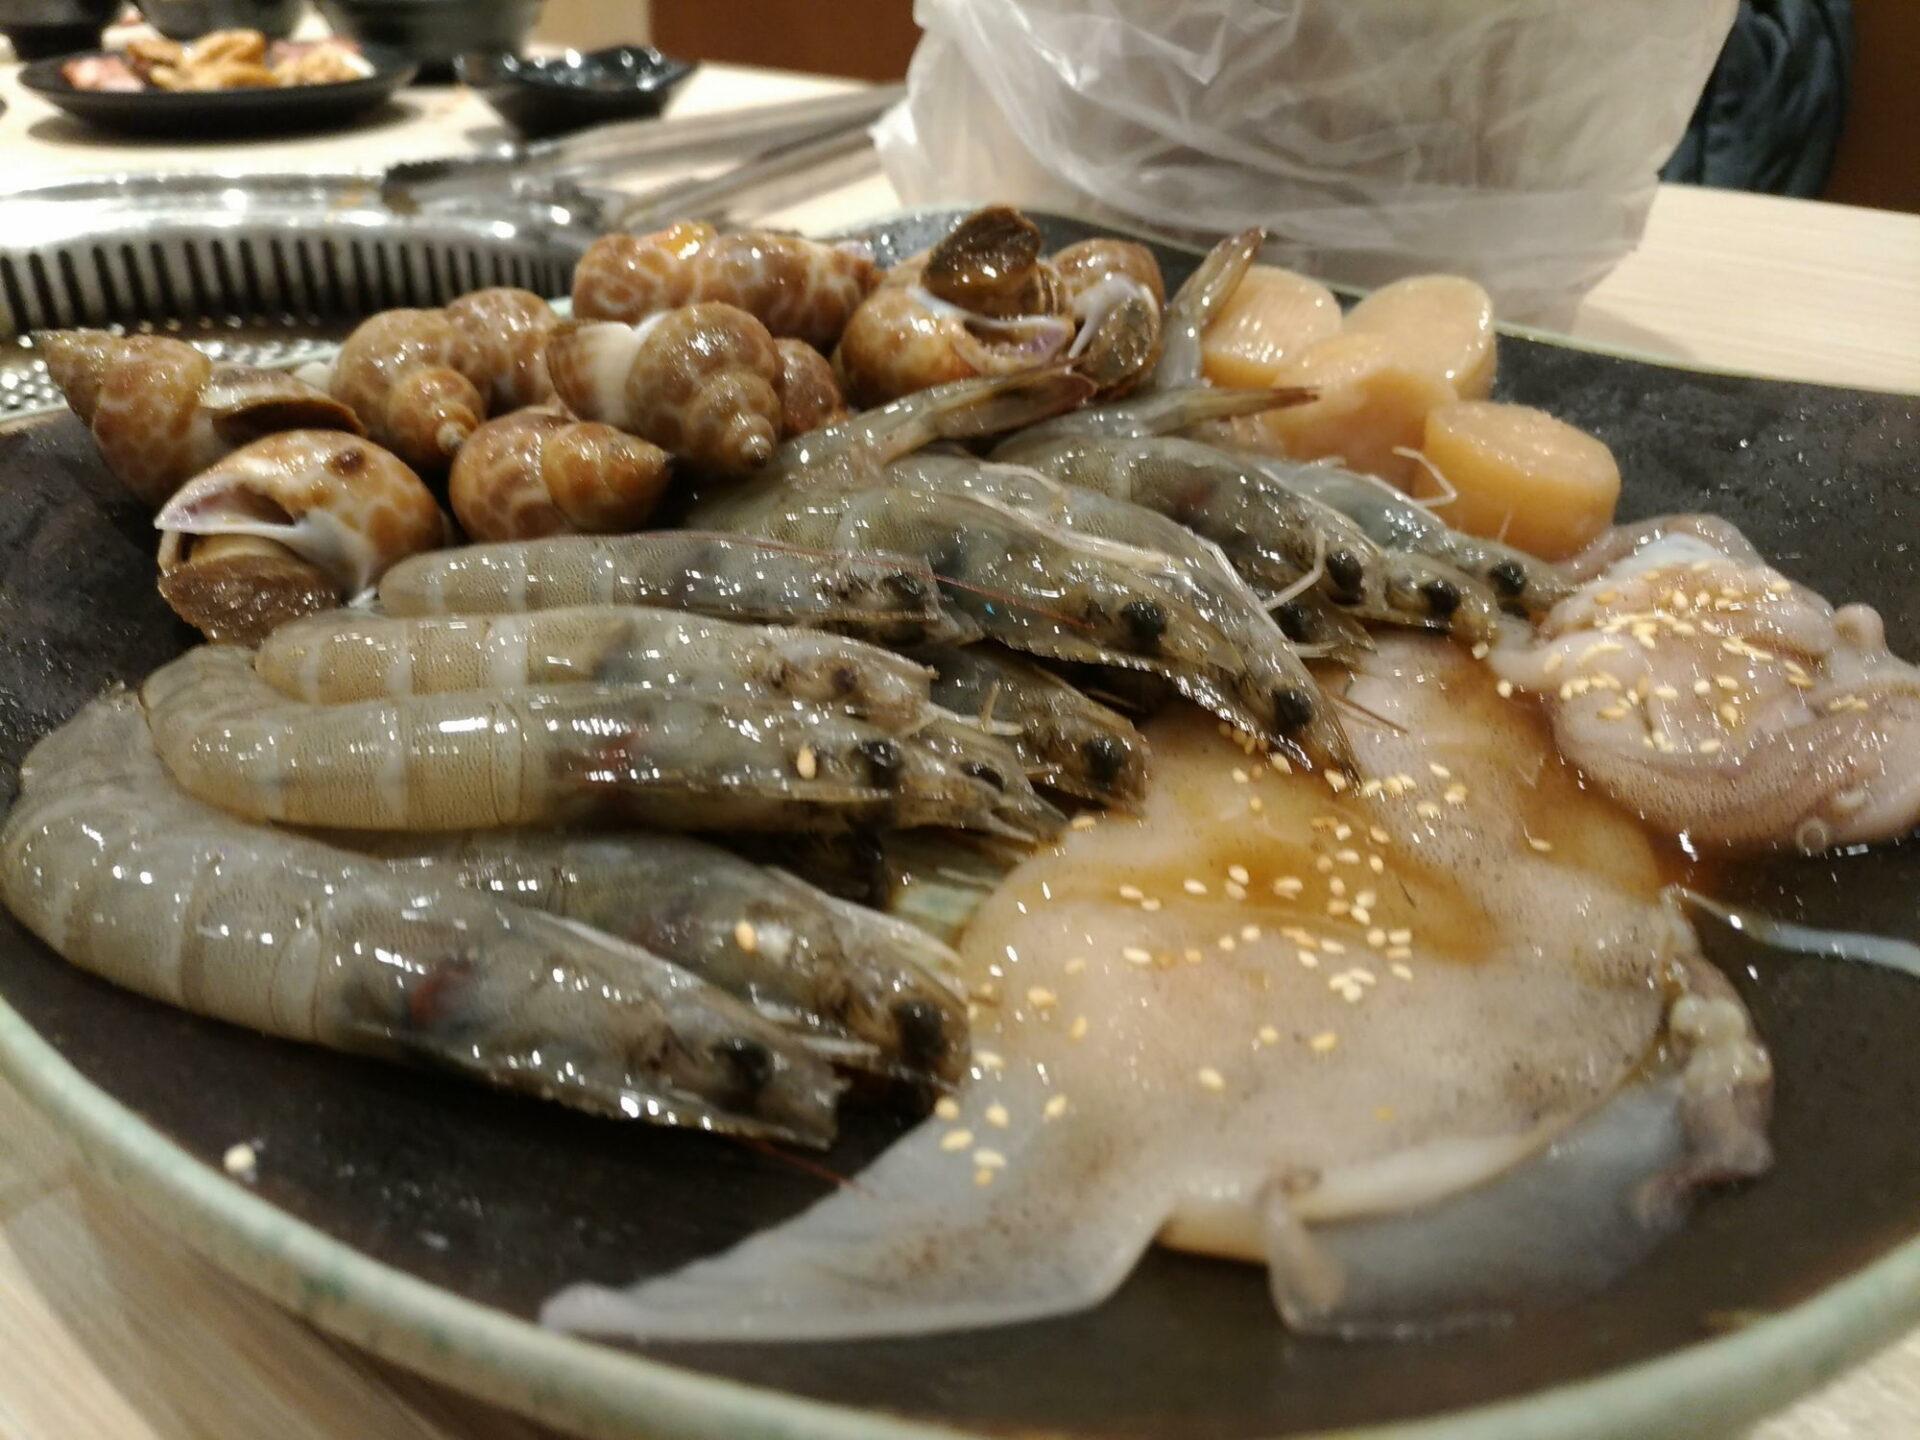 [新竹市美食燒肉]上禾烤肉火鍋,明亮,新鮮,CP值高,燒肉火鍋一次到位!